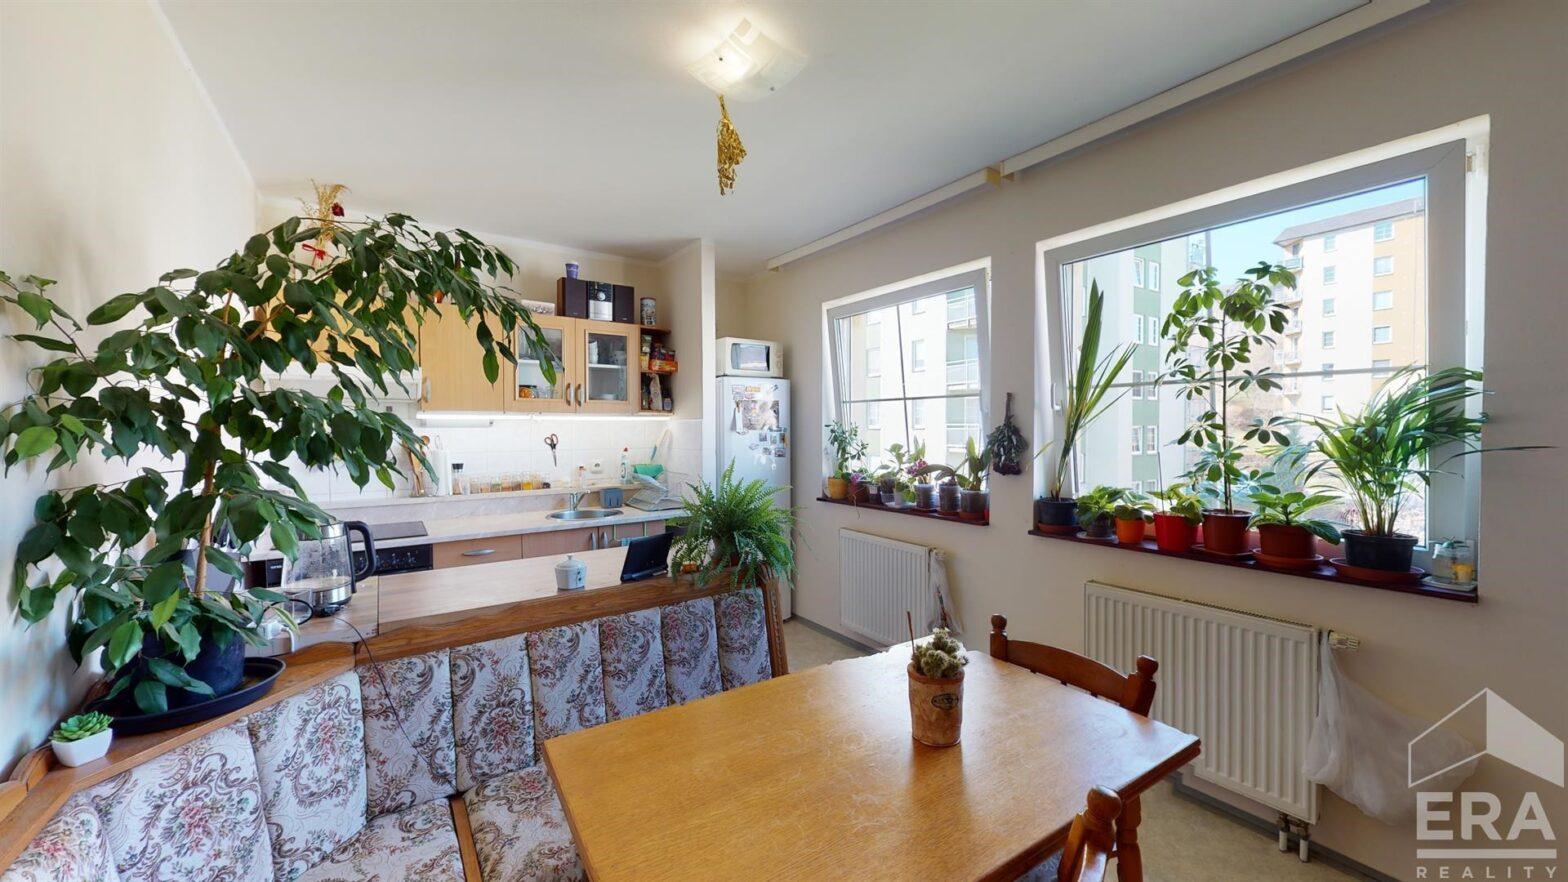 Prodej bytu 2+1 v ul. Stradovská, Chlumec